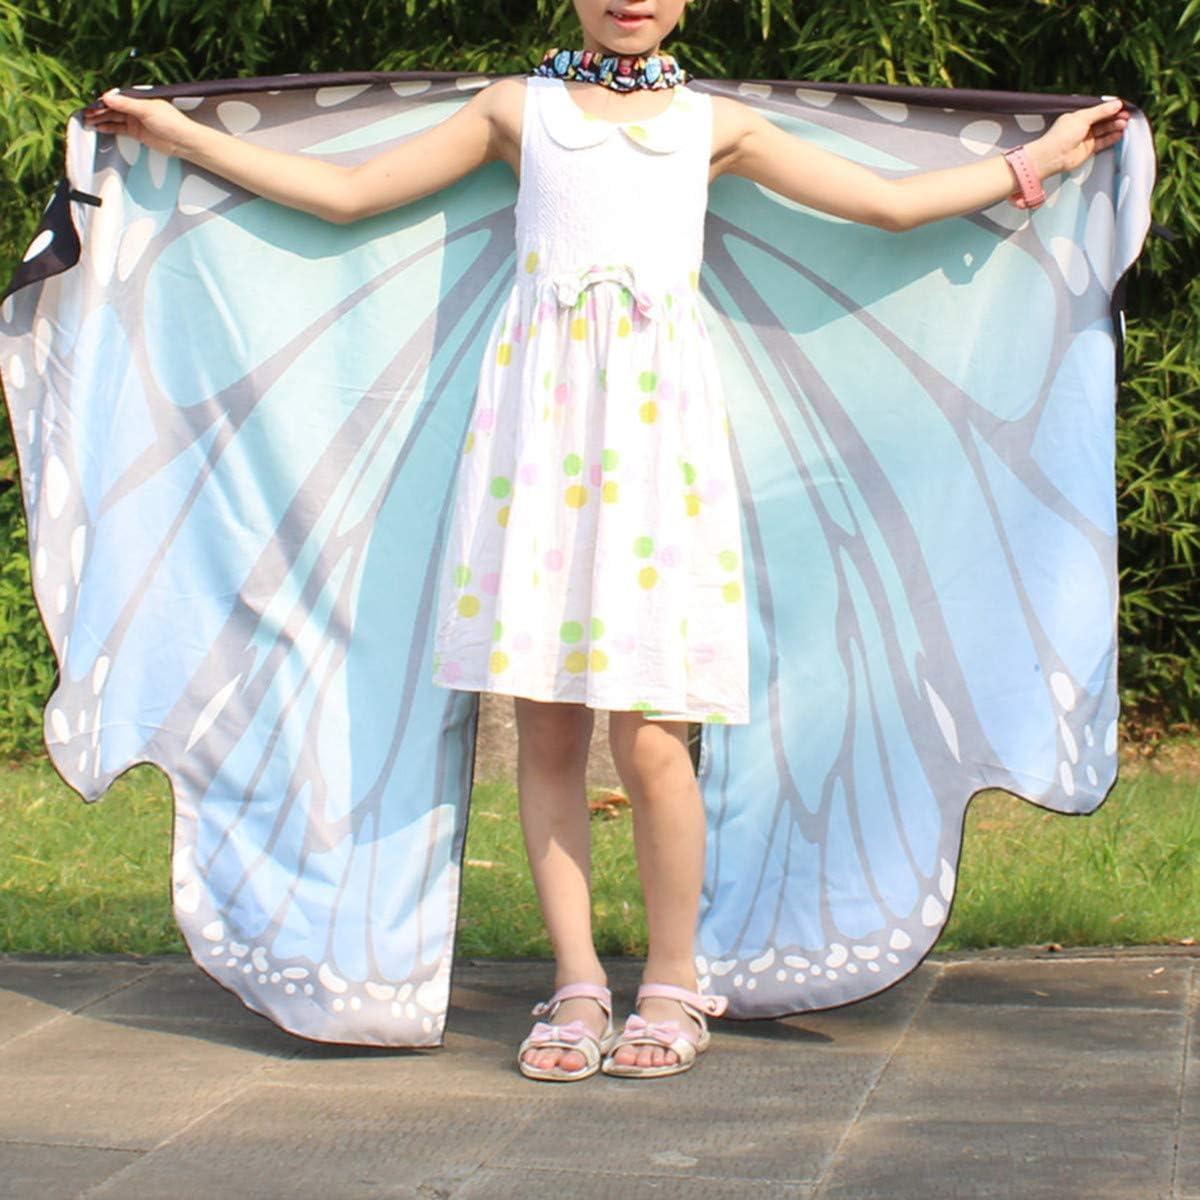 Farfalla Ali Scialle Donna Ragazza con Maschera Farfalle Fata Cosplay Costume di Carnevale Halloween Mantello Accessori da Costumi Travestimento per Natale Festa Arancio, Taglia unica